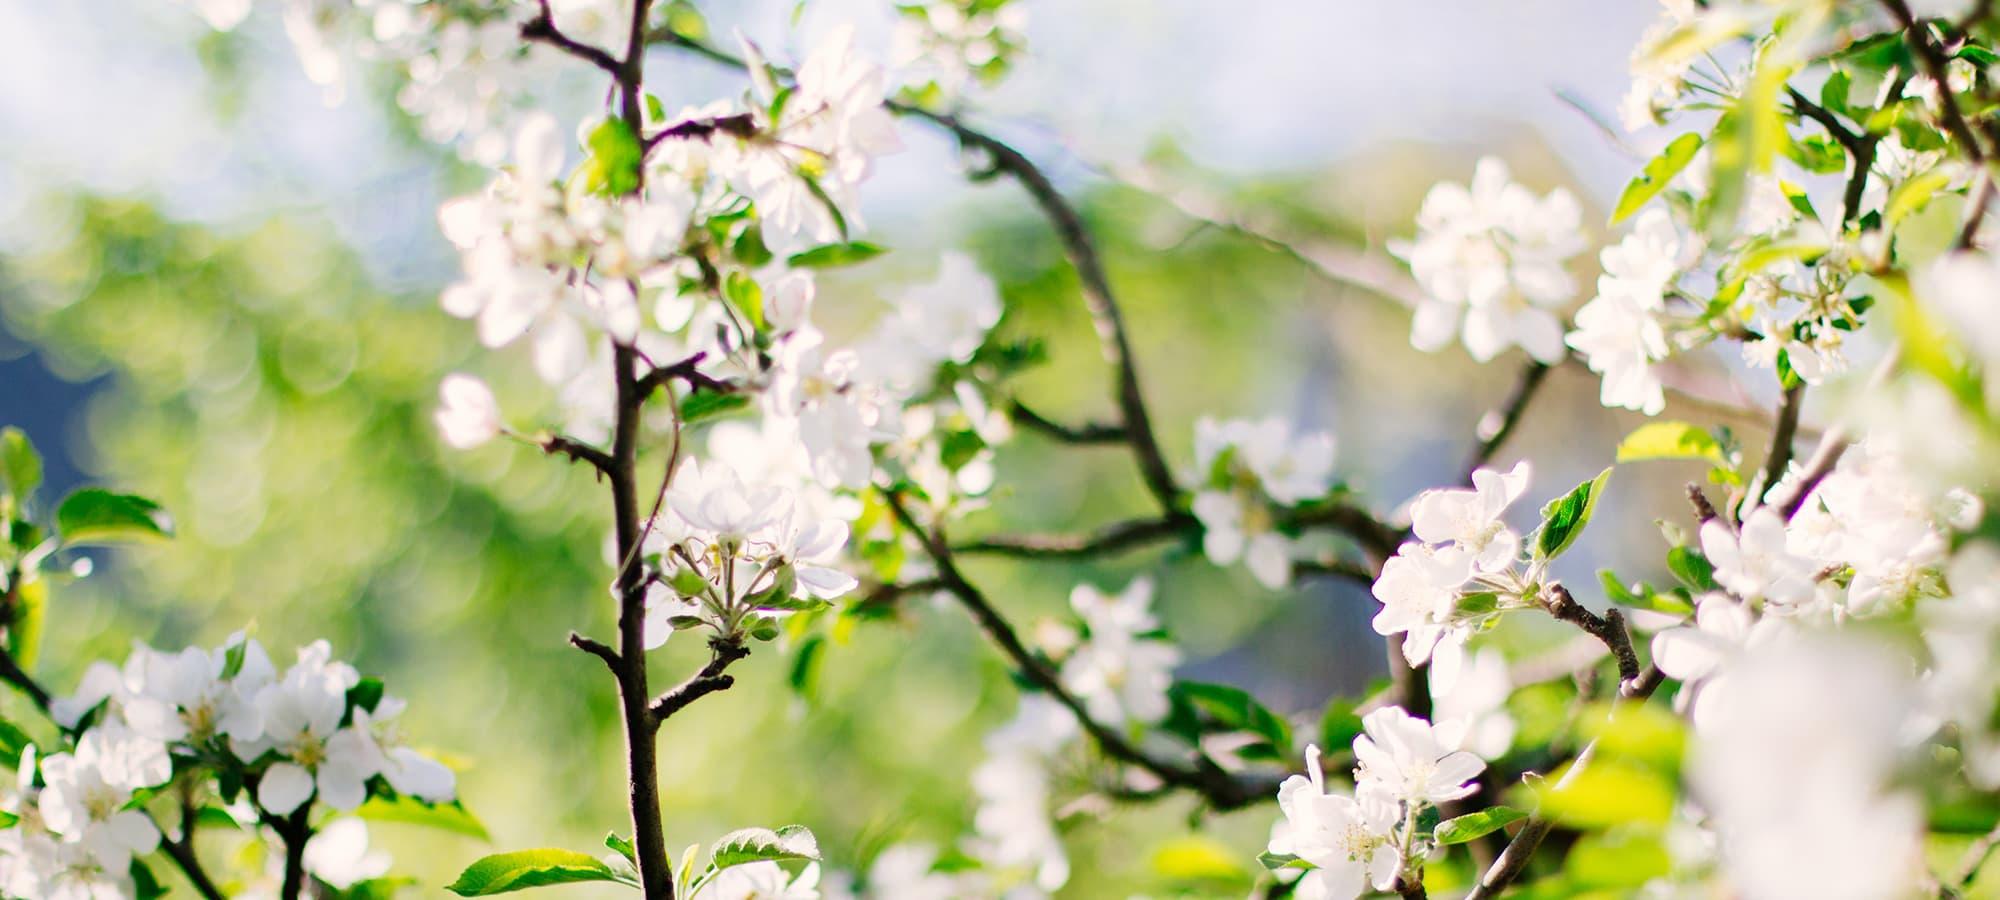 saint-mamet-fleurs-blanches-arbre-fruitier-floraison-3